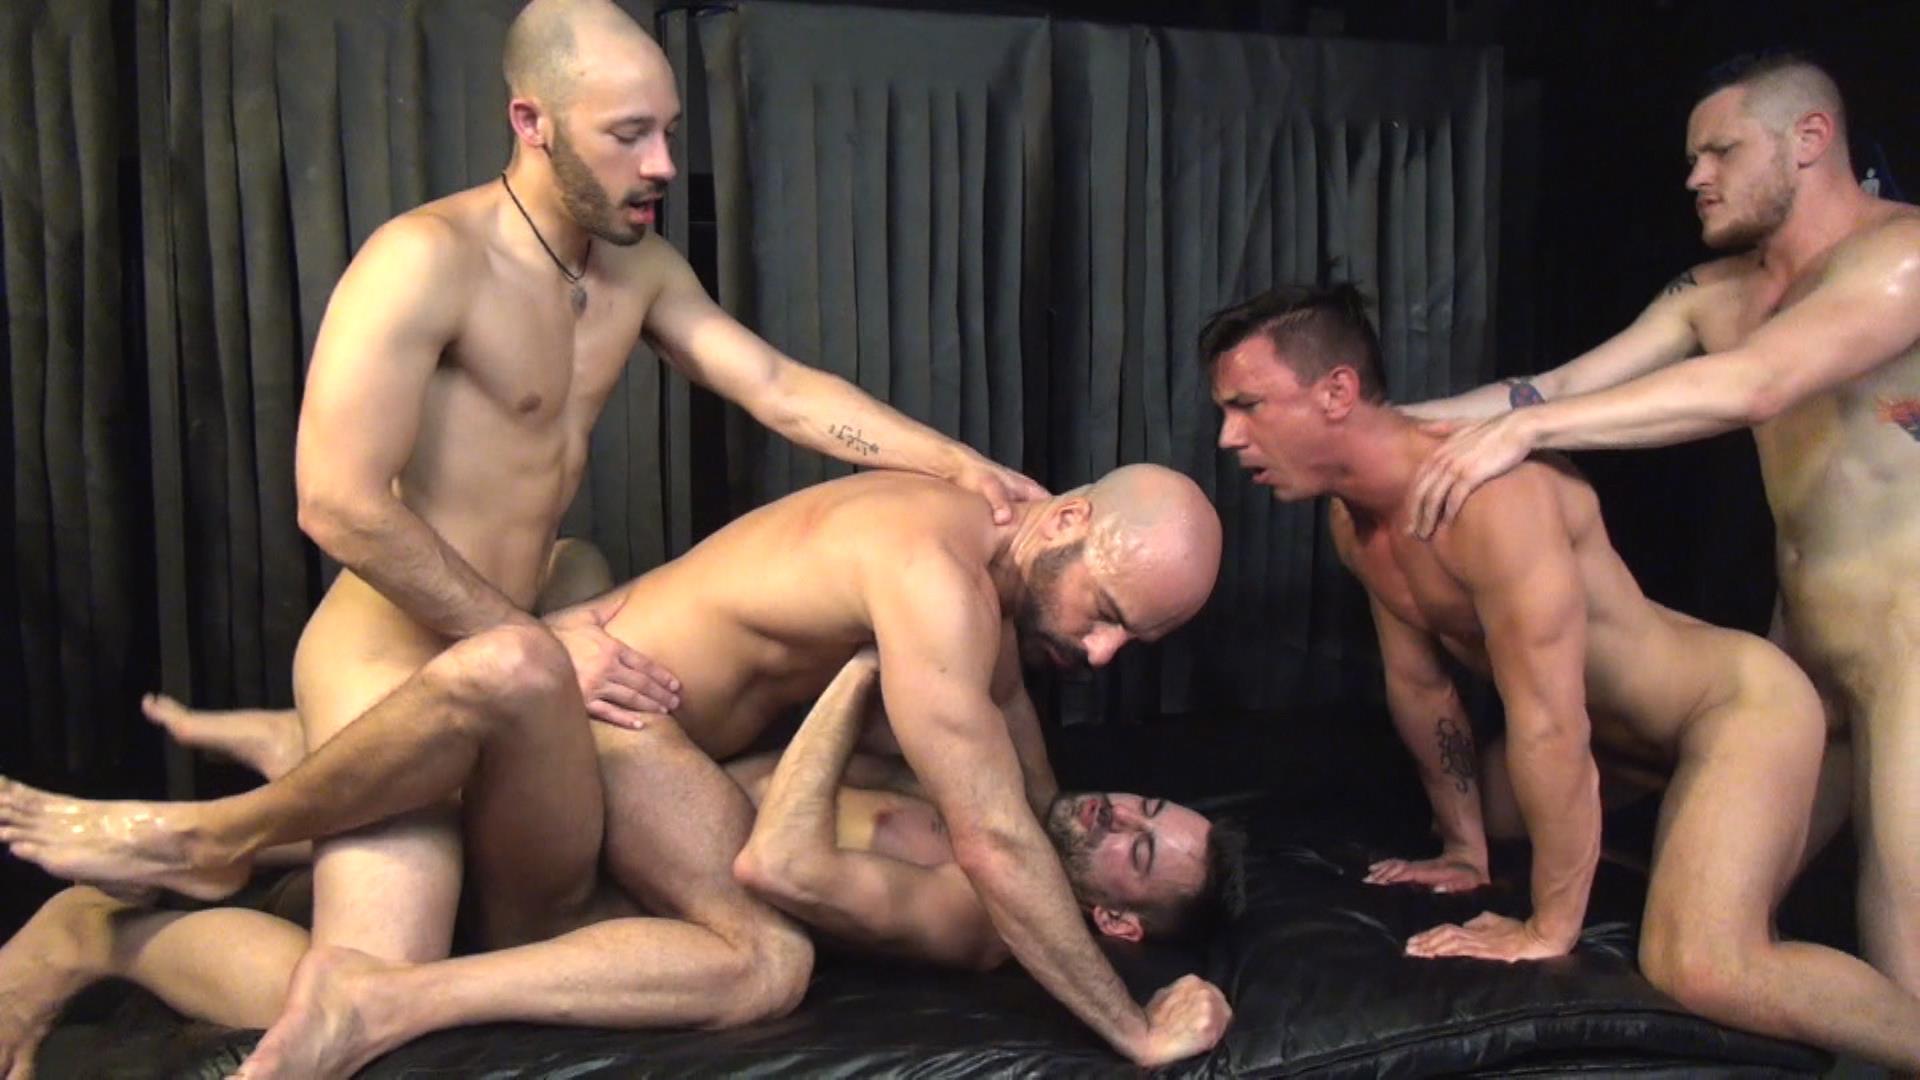 russkie-gei-seks-video-besplatno